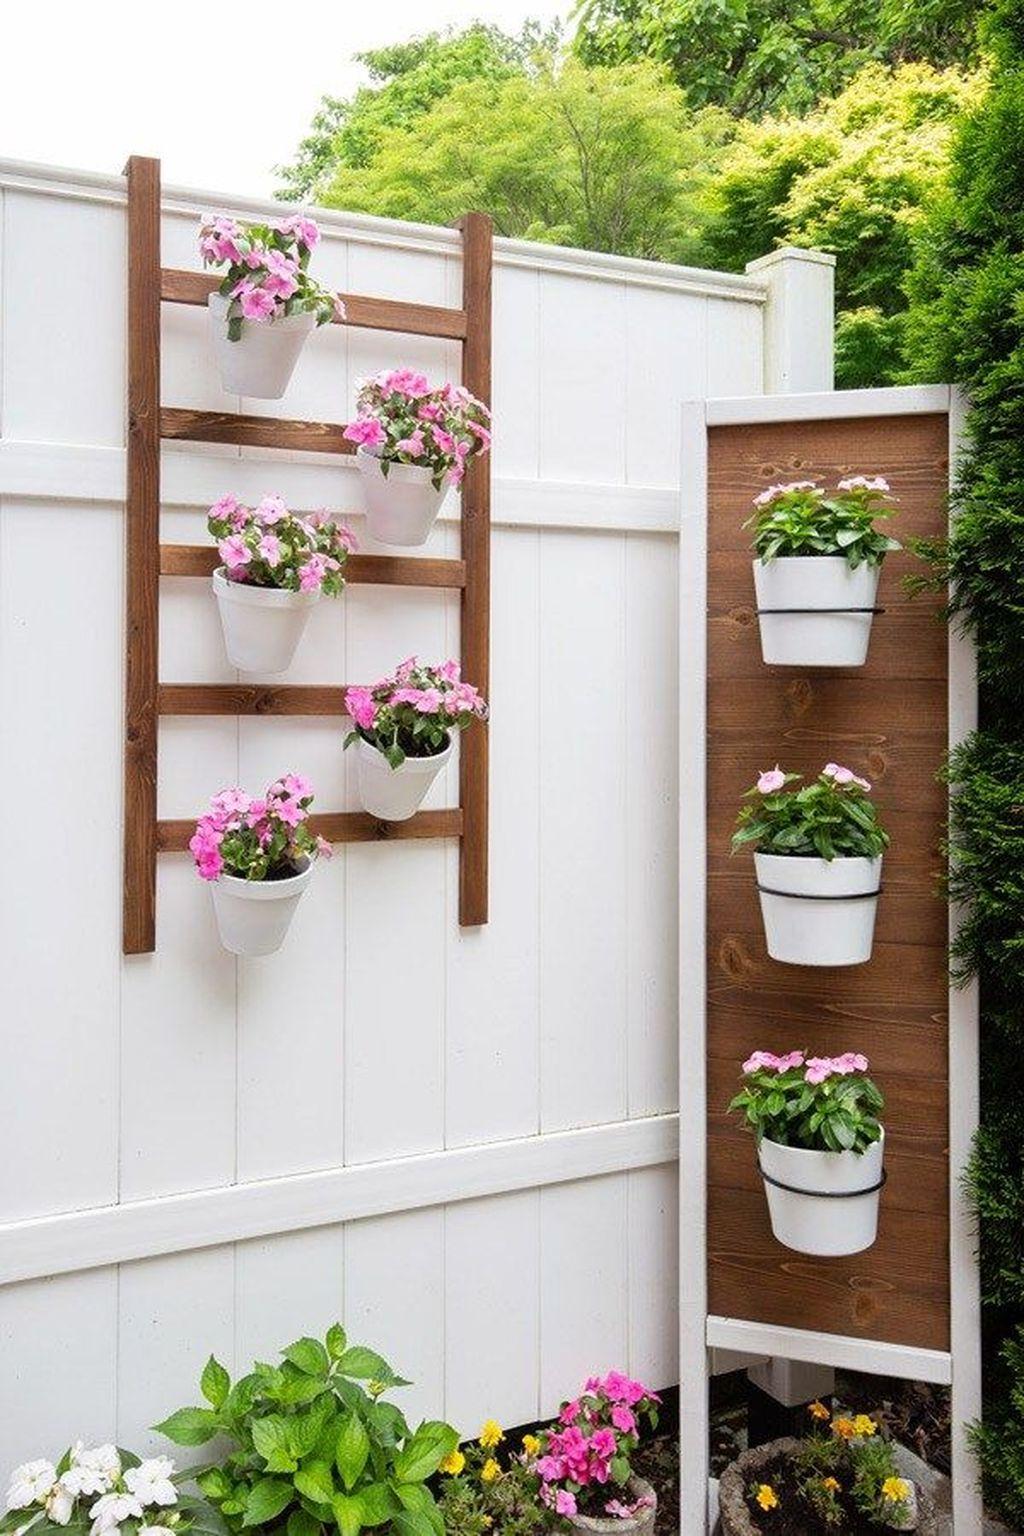 33 The Best Ladder Garden Planter Ideas Diy Planters Outdoor Diy Wall Planter Wall Planters Outdoor